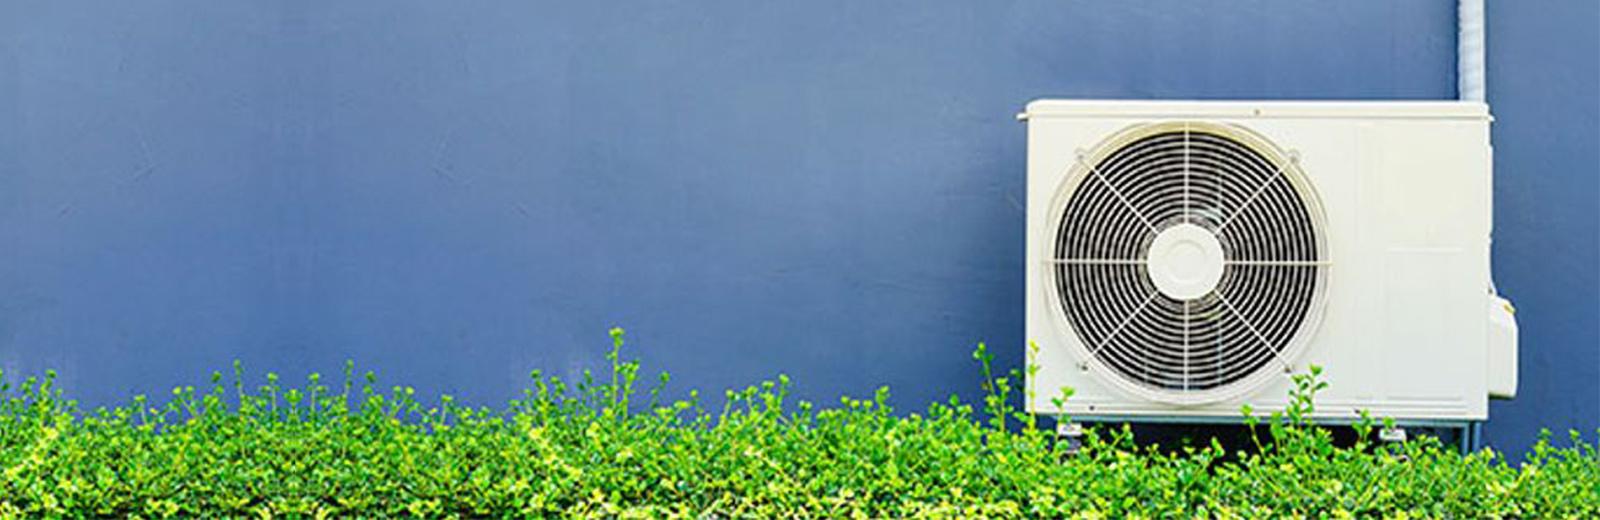 air source heat pump outside green